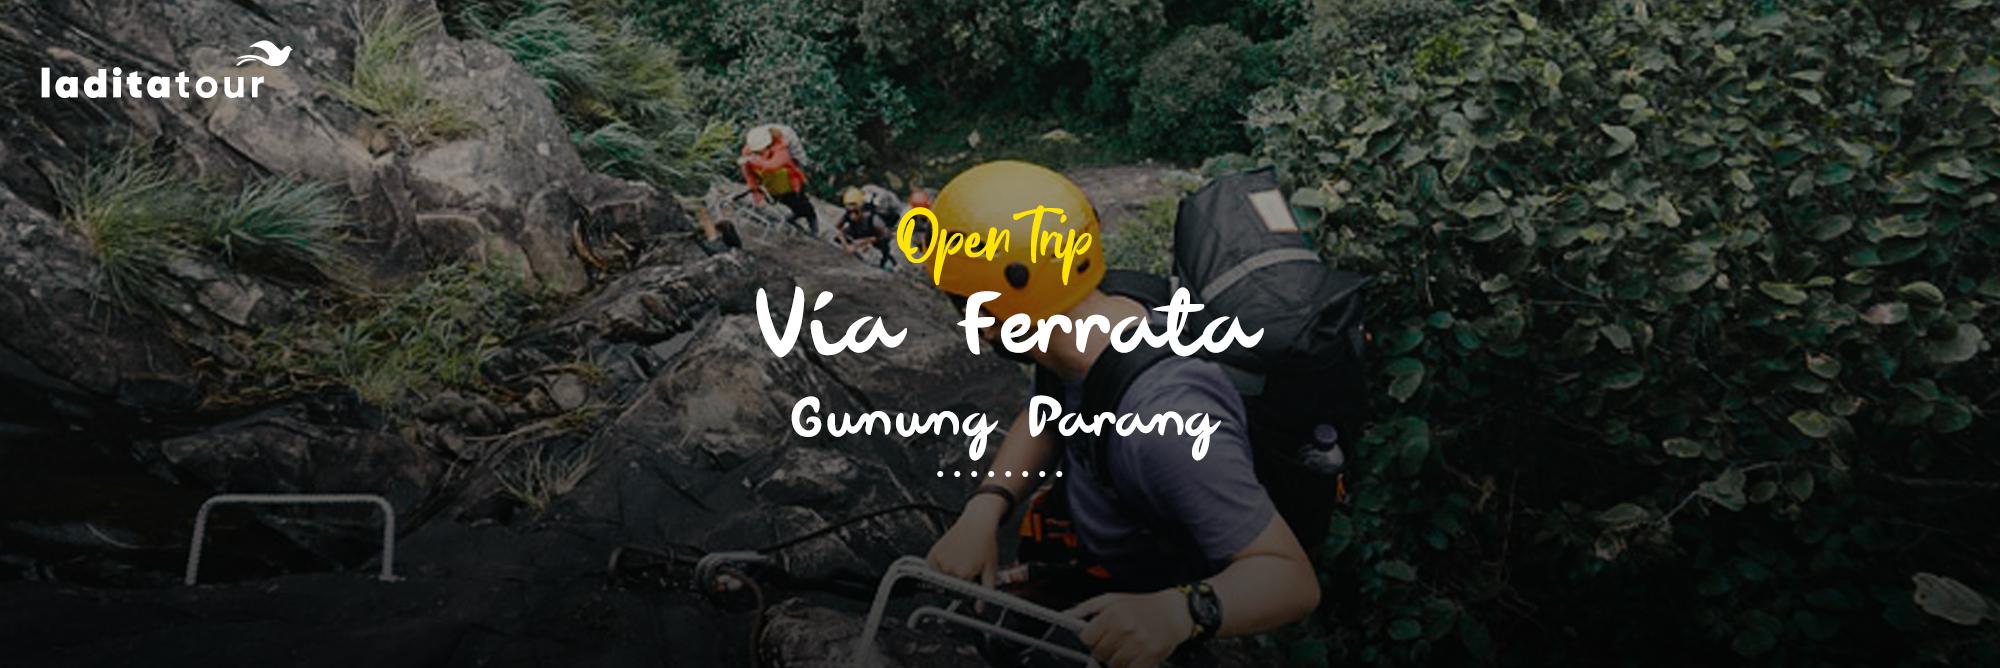 Open Trip Via Ferrata Gunung Parang